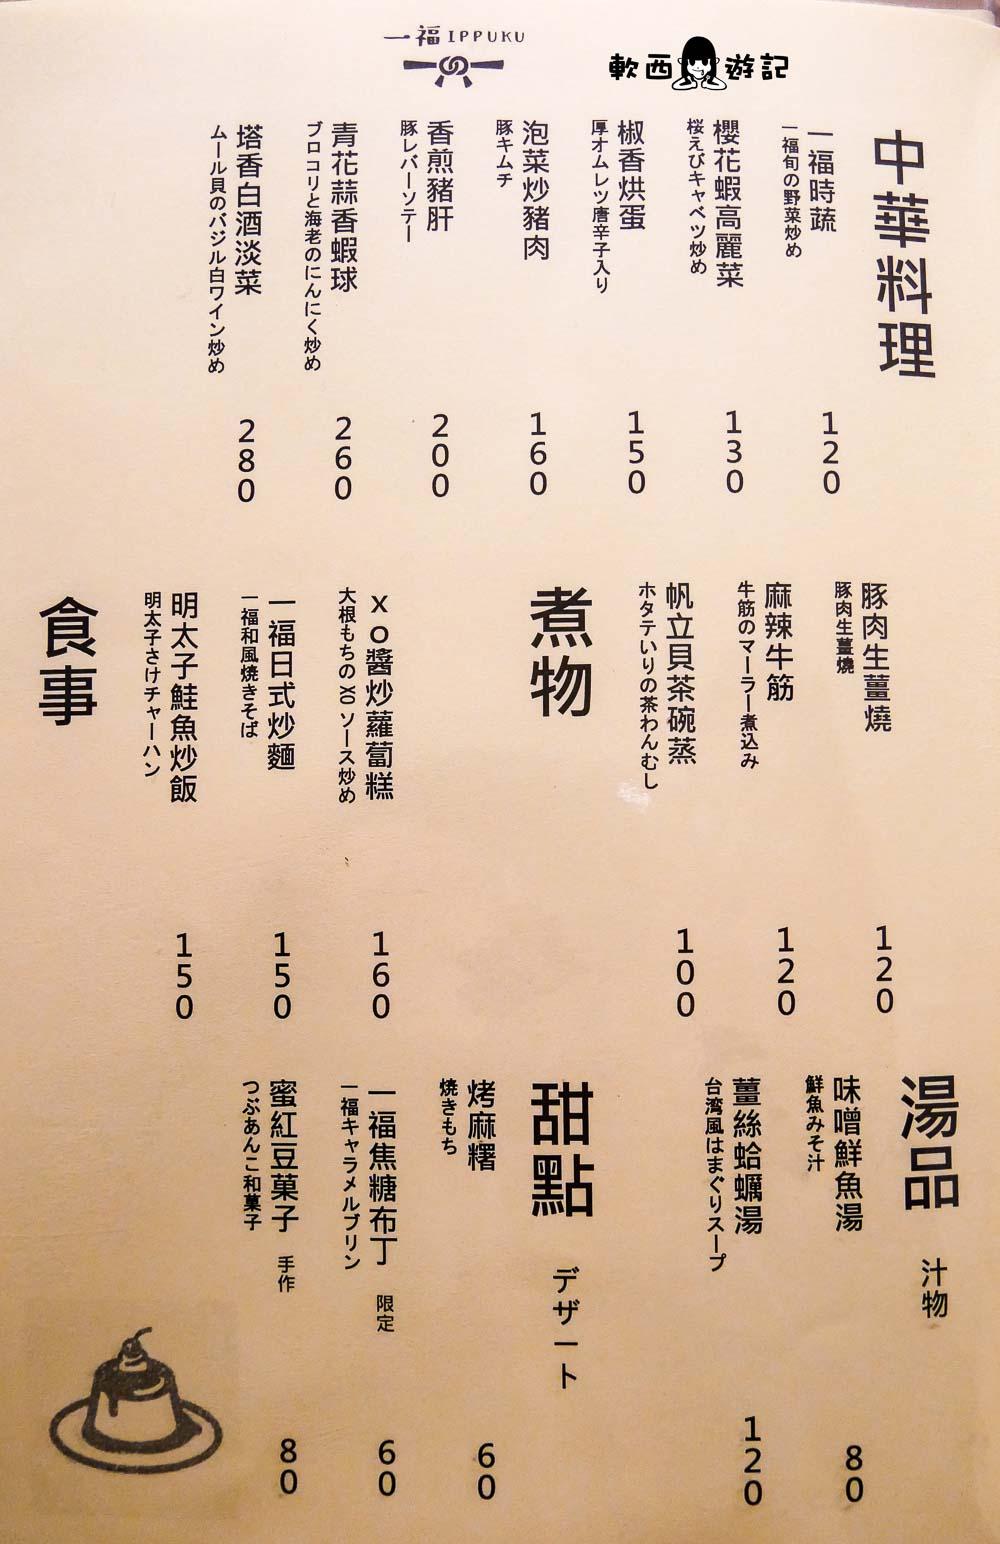 松江南京居酒屋推薦》一福Ippuku串燒酒場●來居酒屋喝精釀啤酒小確幸! 松山南京站附近全新開幕~木質溫馨風格日式居酒屋